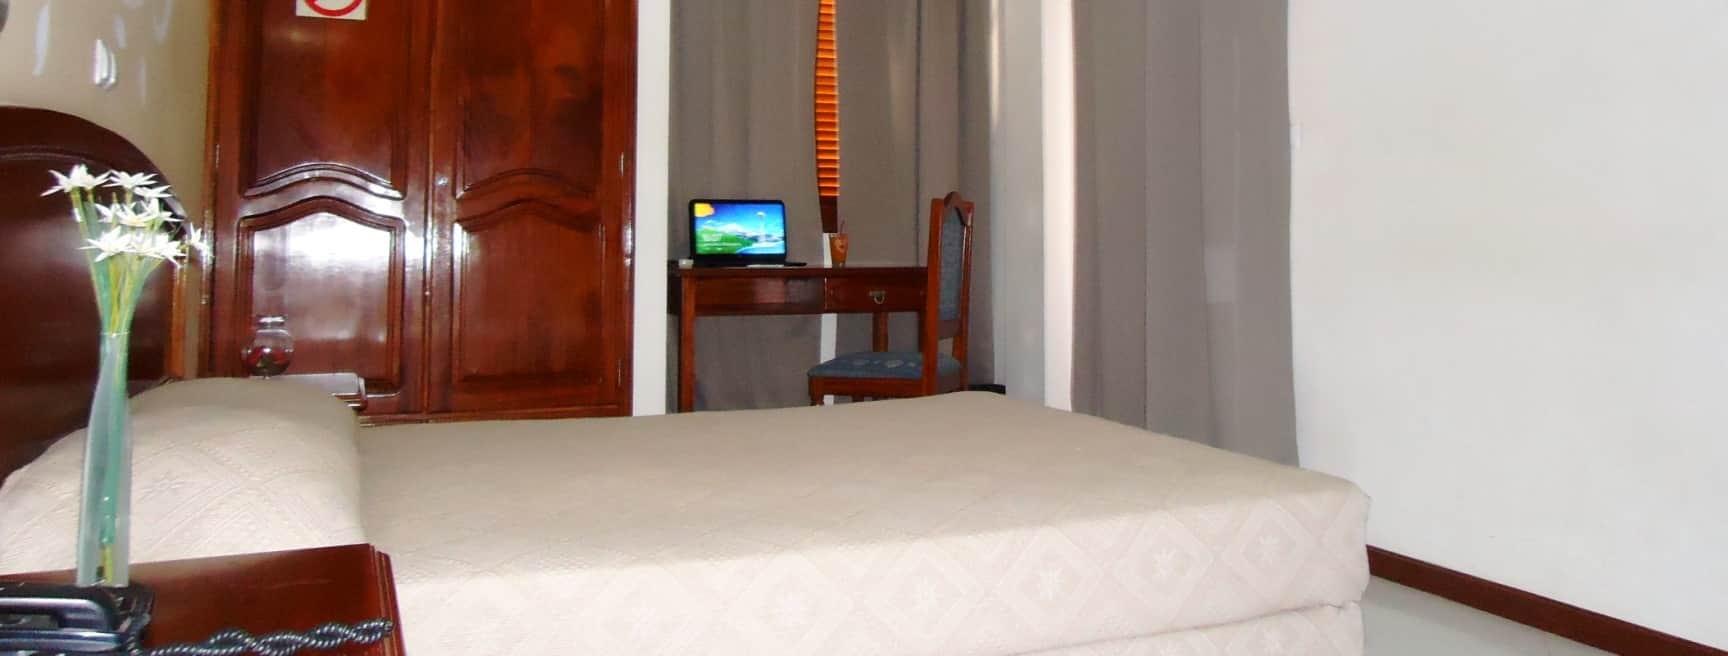 alojamento-quartos-residencial-beleza-são-vicente-mindelo-cabo-verde-2-min